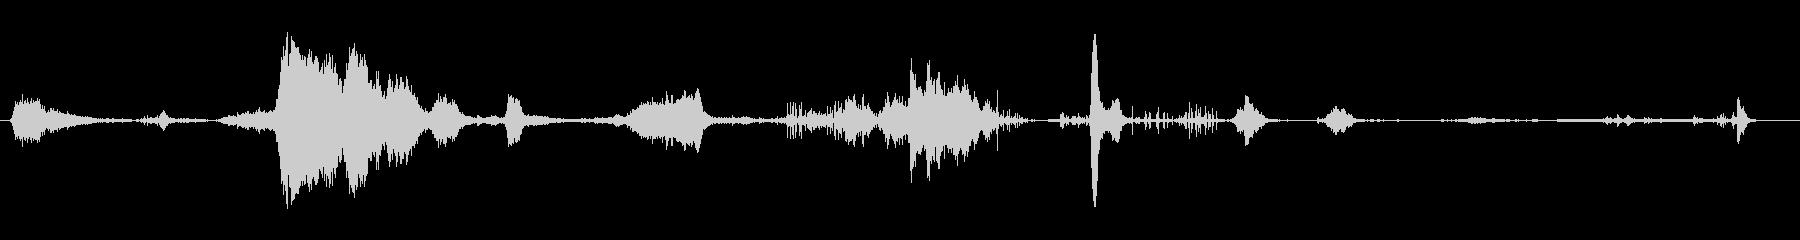 アイアンゲート:ラウドヒンジスキー...の未再生の波形